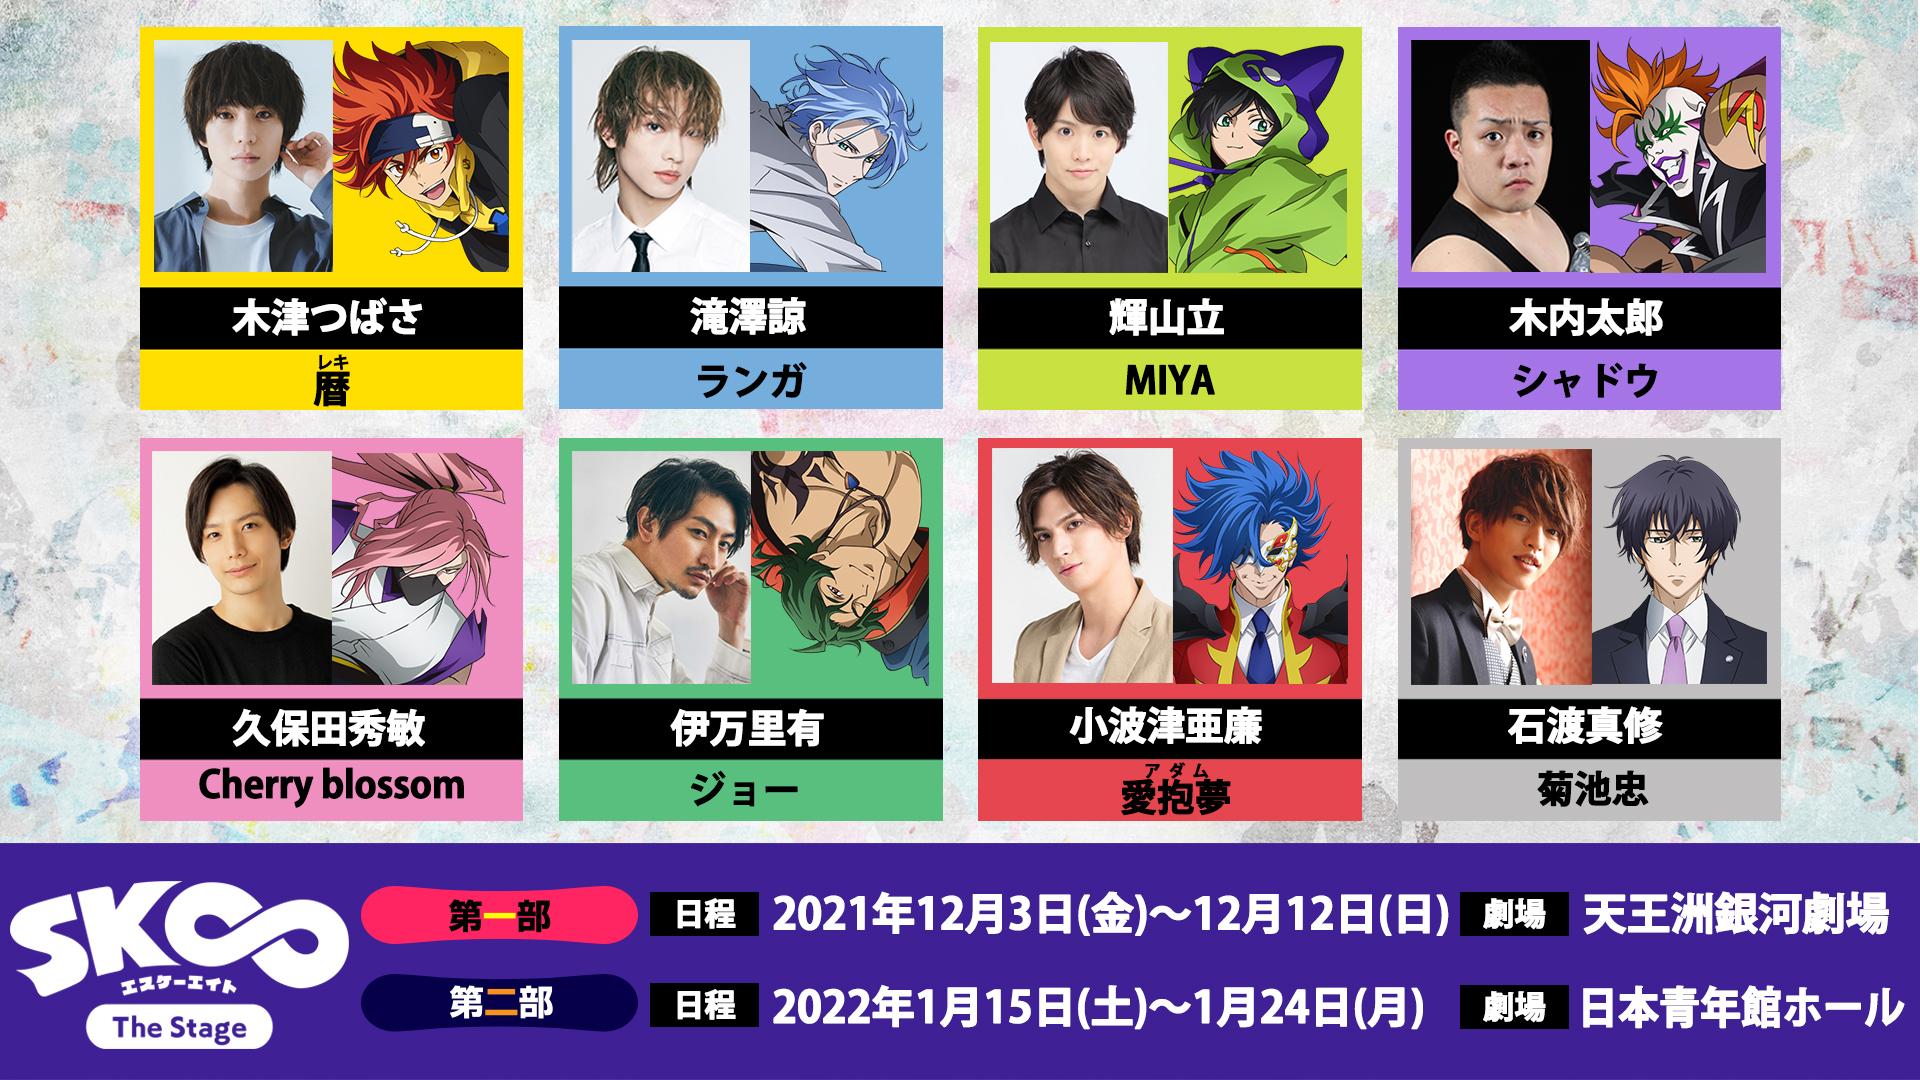 舞台「SK∞」暦とランガの友情を魅せるのは木津つばささん&滝澤諒さん!